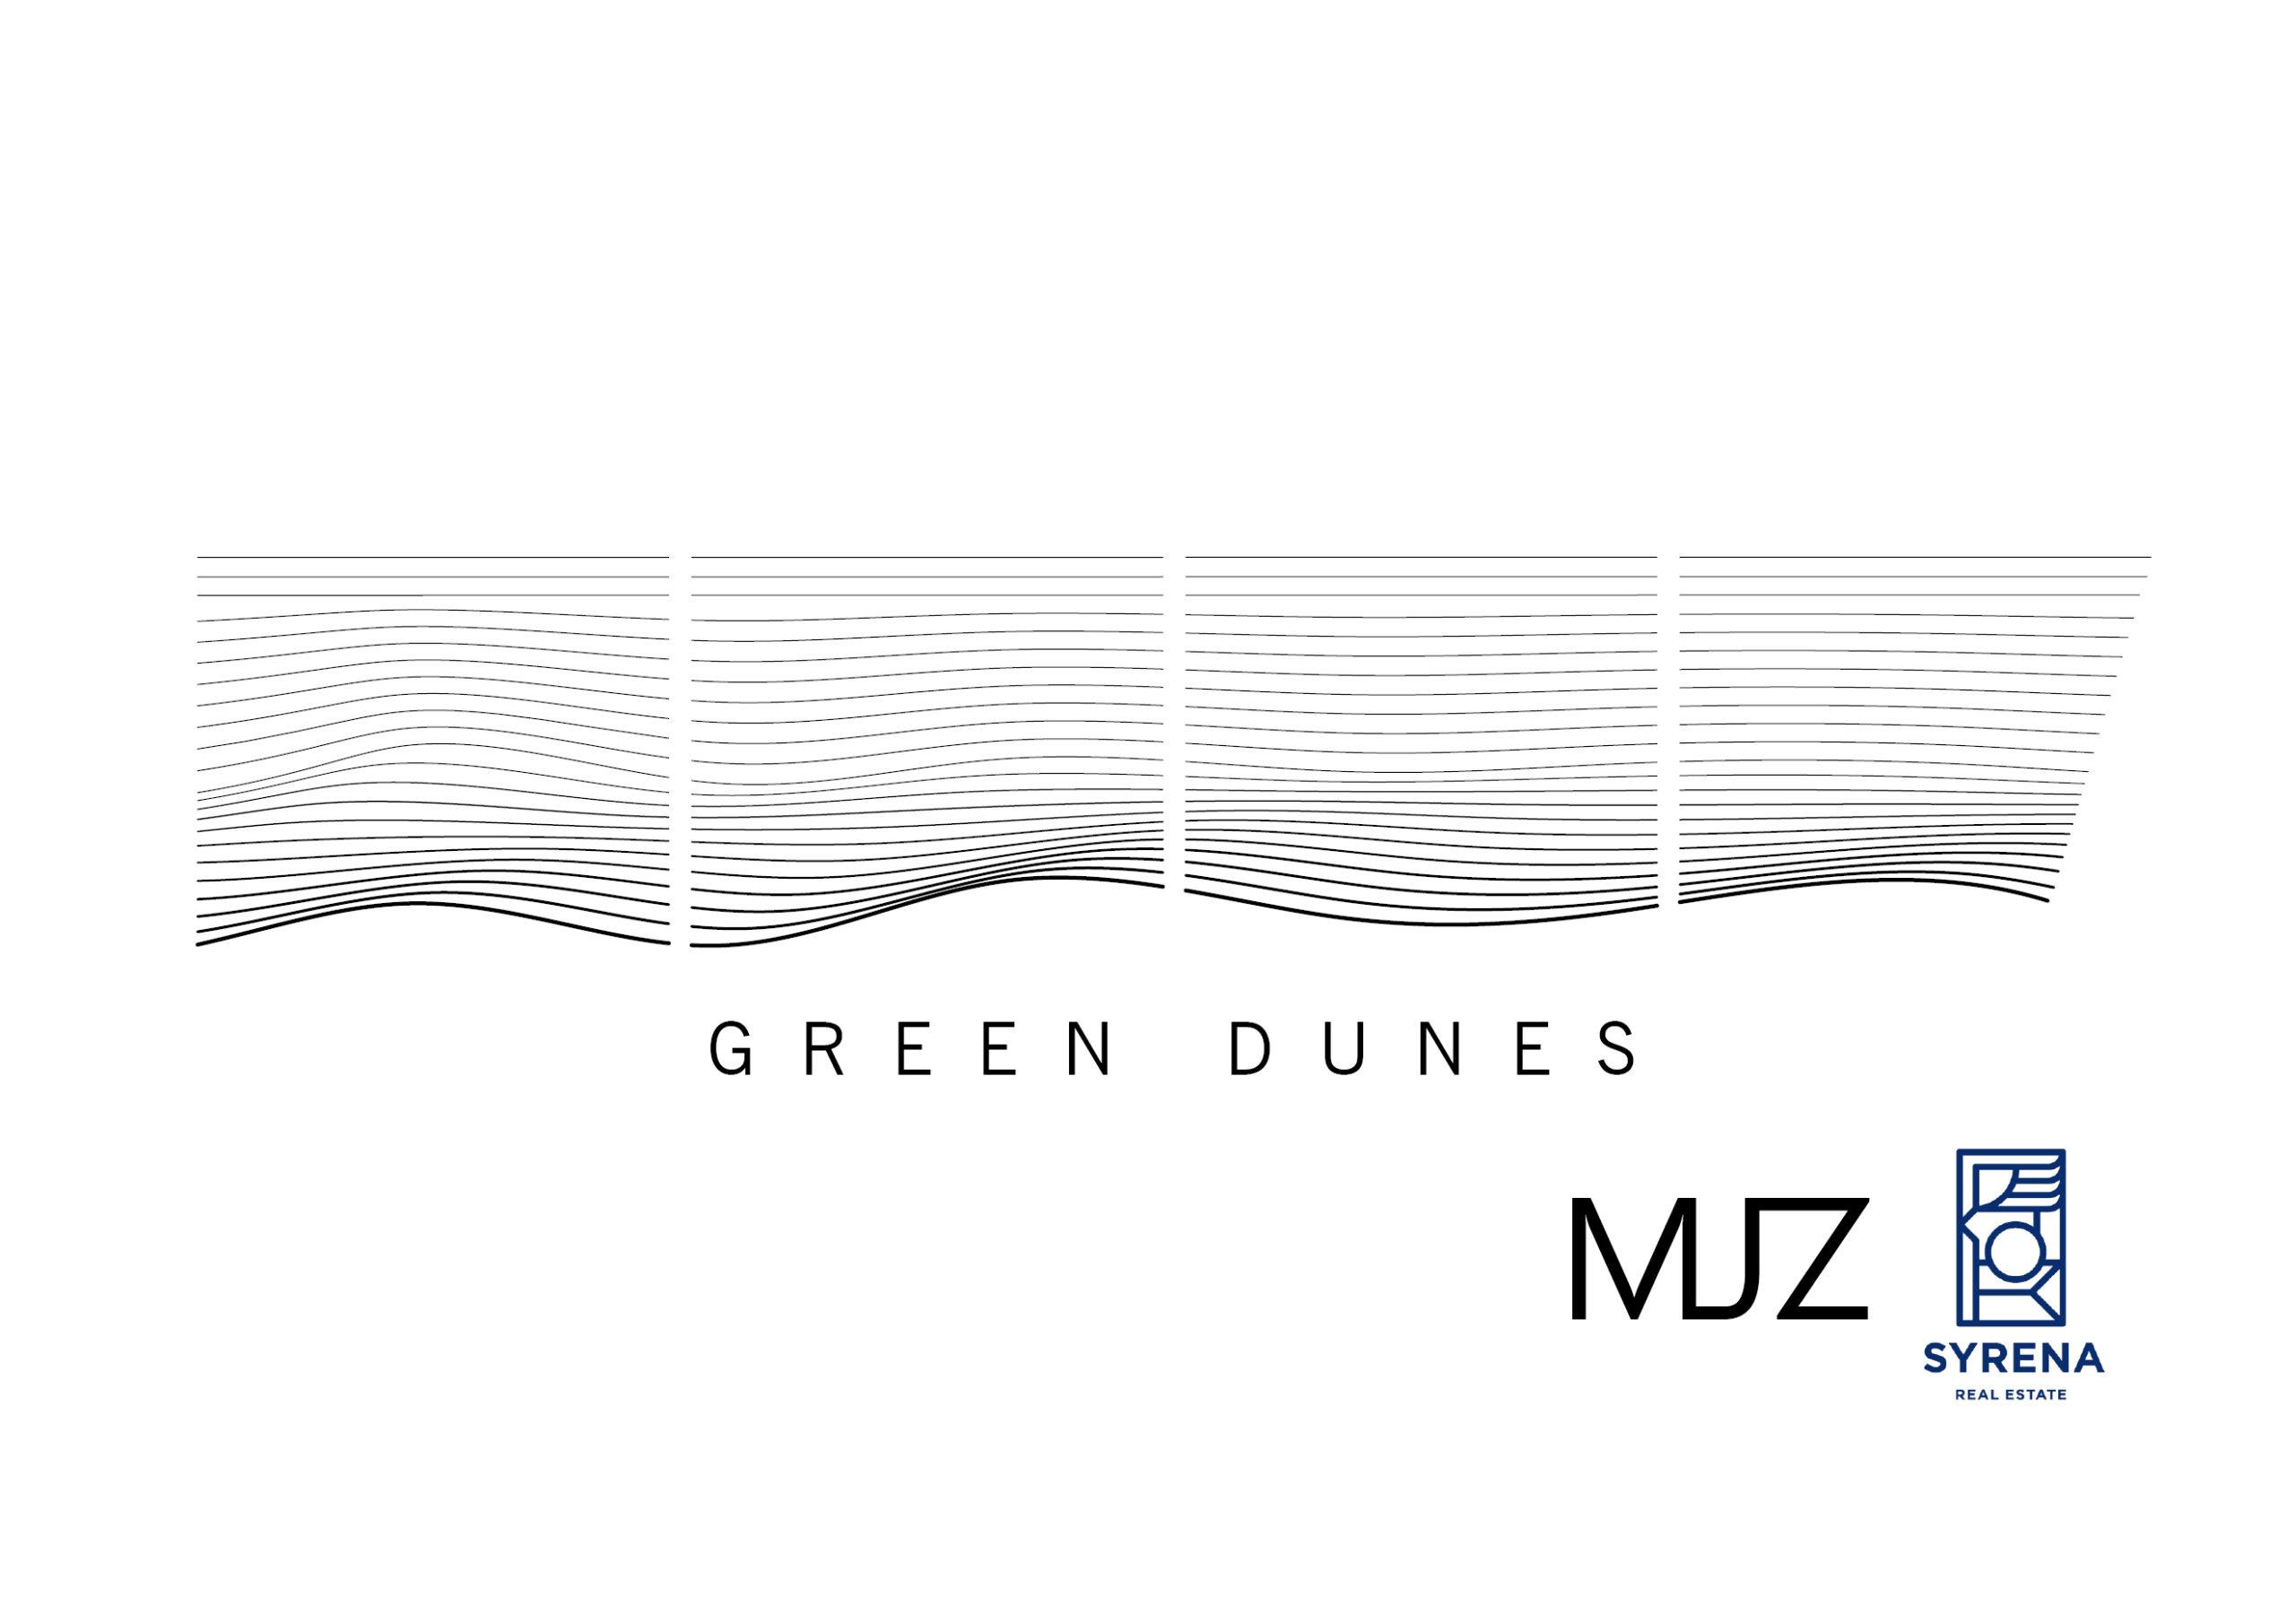 MJZ-MBP-Syrena24-3